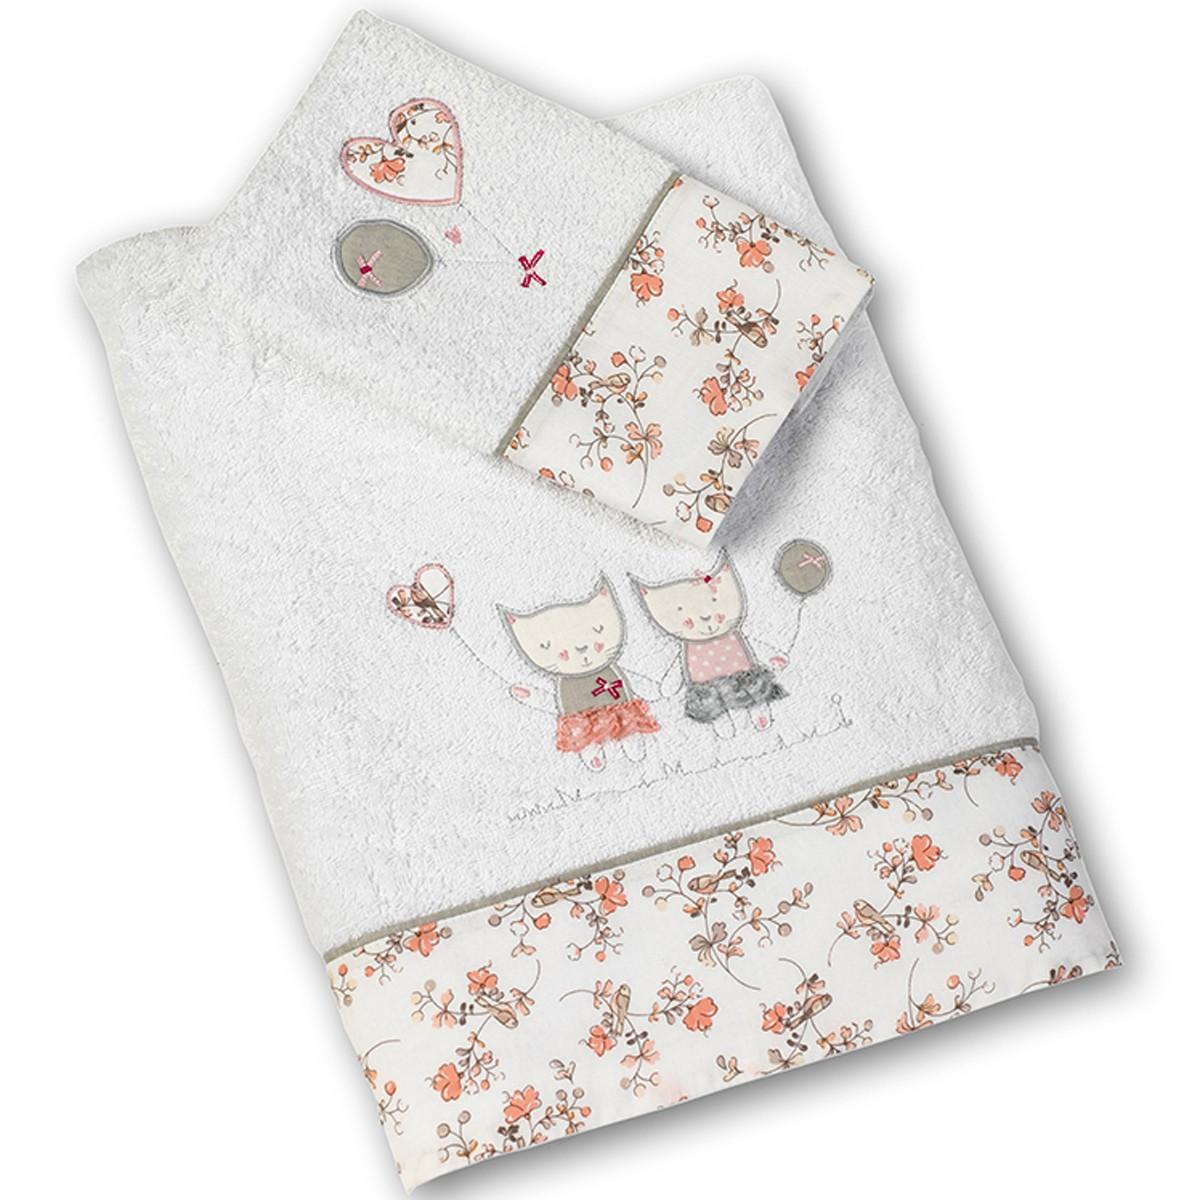 Βρεφικές Πετσέτες (Σετ 2τμχ) Nima Kitty Kittens